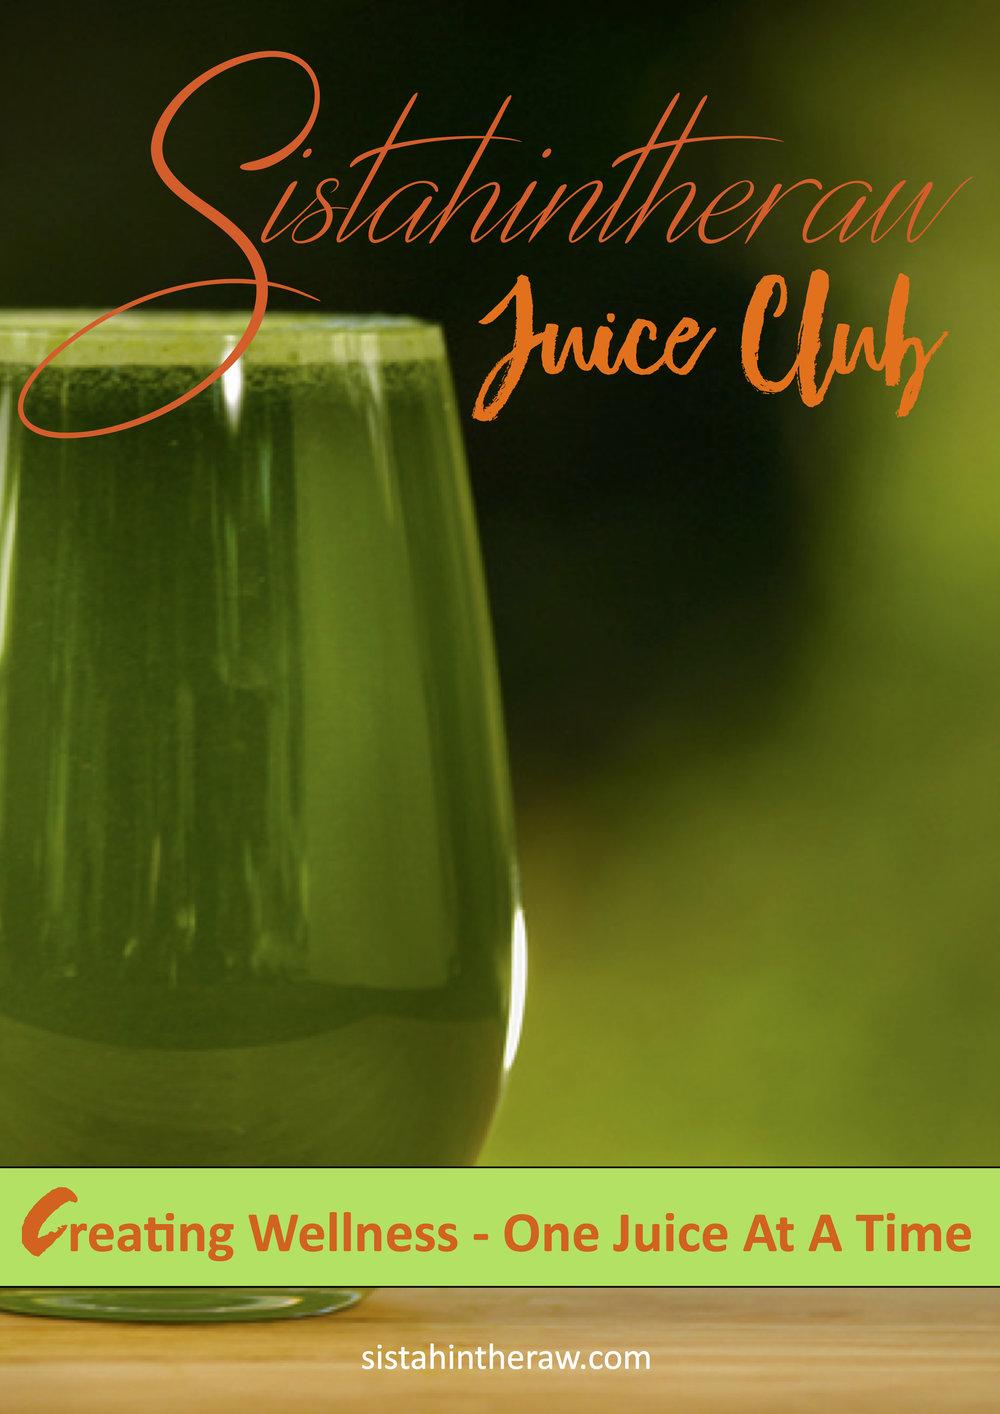 Juice Club 2D Cover.jpg